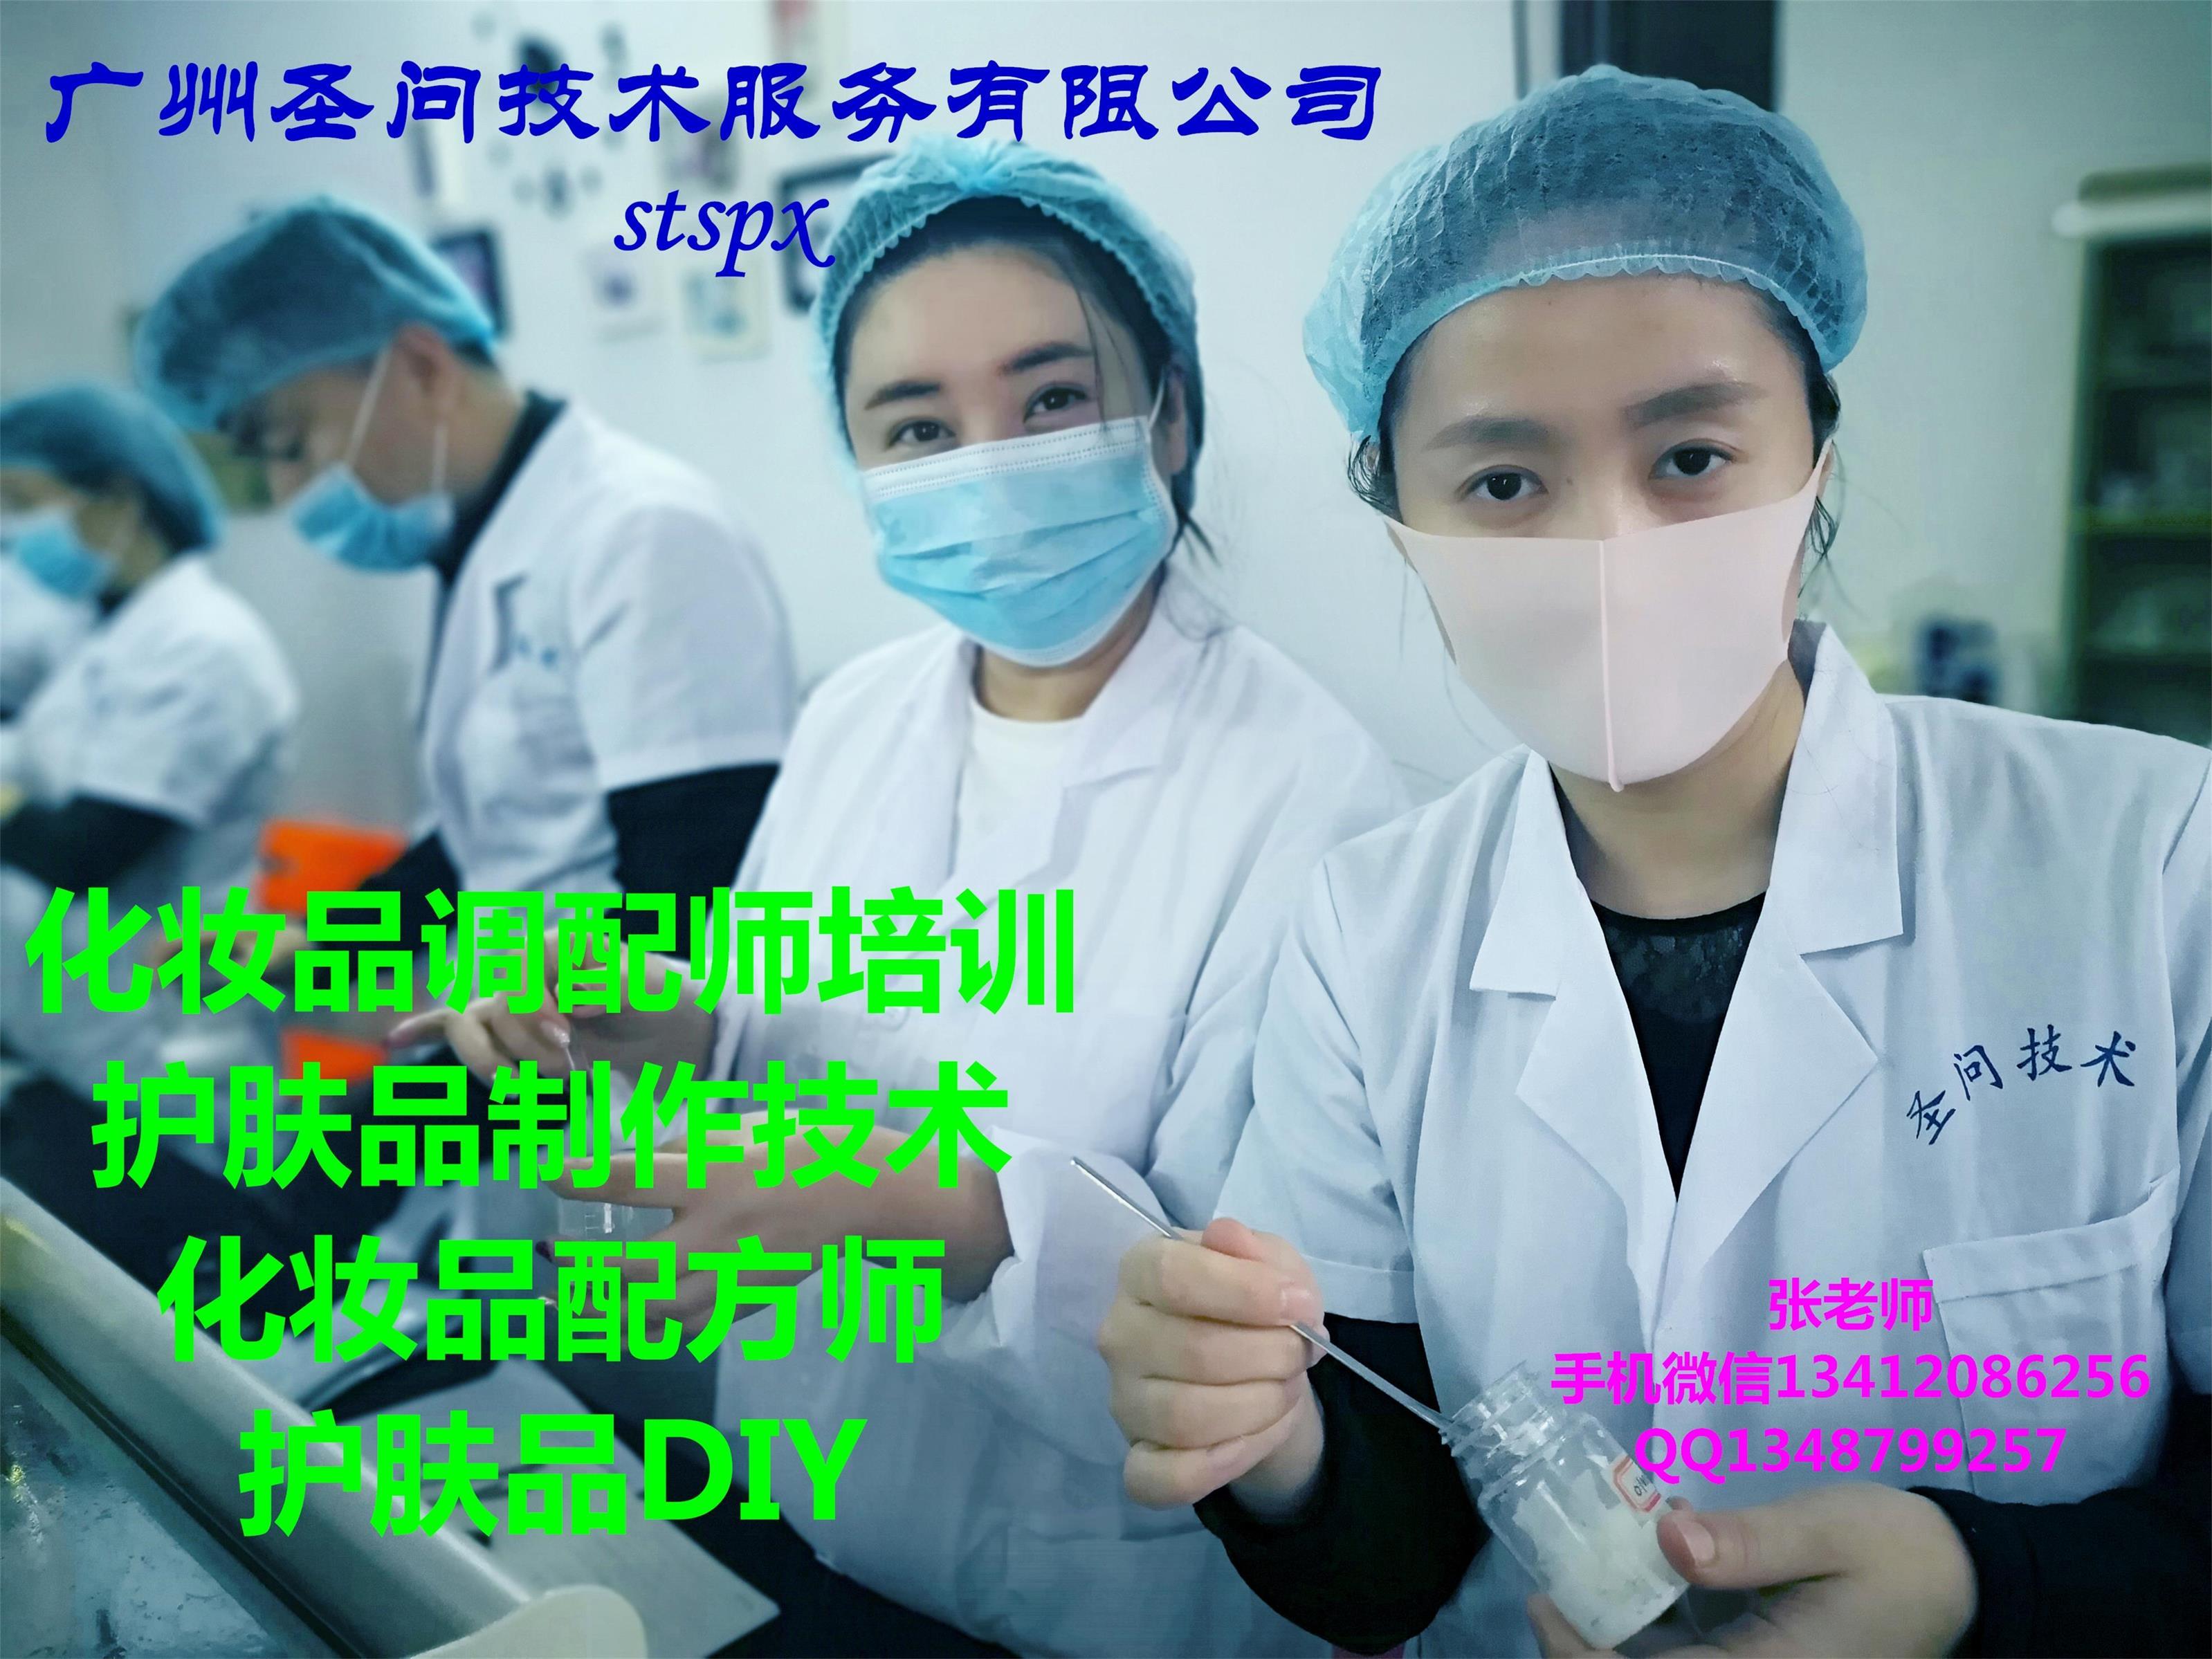 广州化妆品制作技术培训这儿有